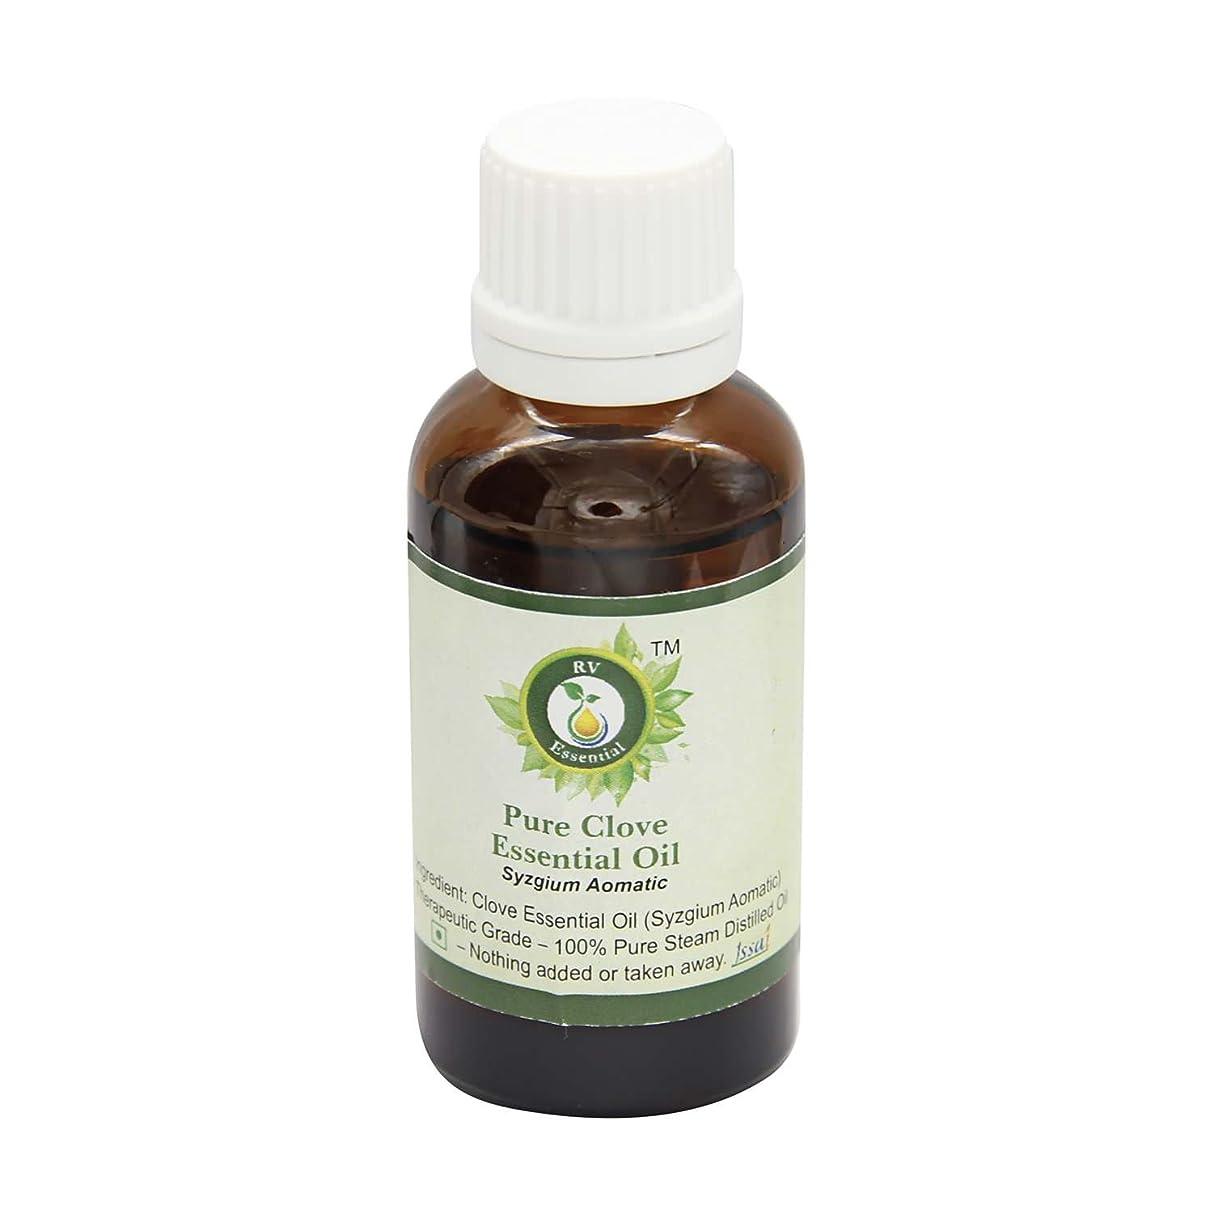 医薬品対人降ろすR V Essential ピュアクローブエッセンシャルオイル5ml (0.169oz)- Syzgium Aomatic (100%純粋&天然スチームDistilled) Pure Clove Essential Oil